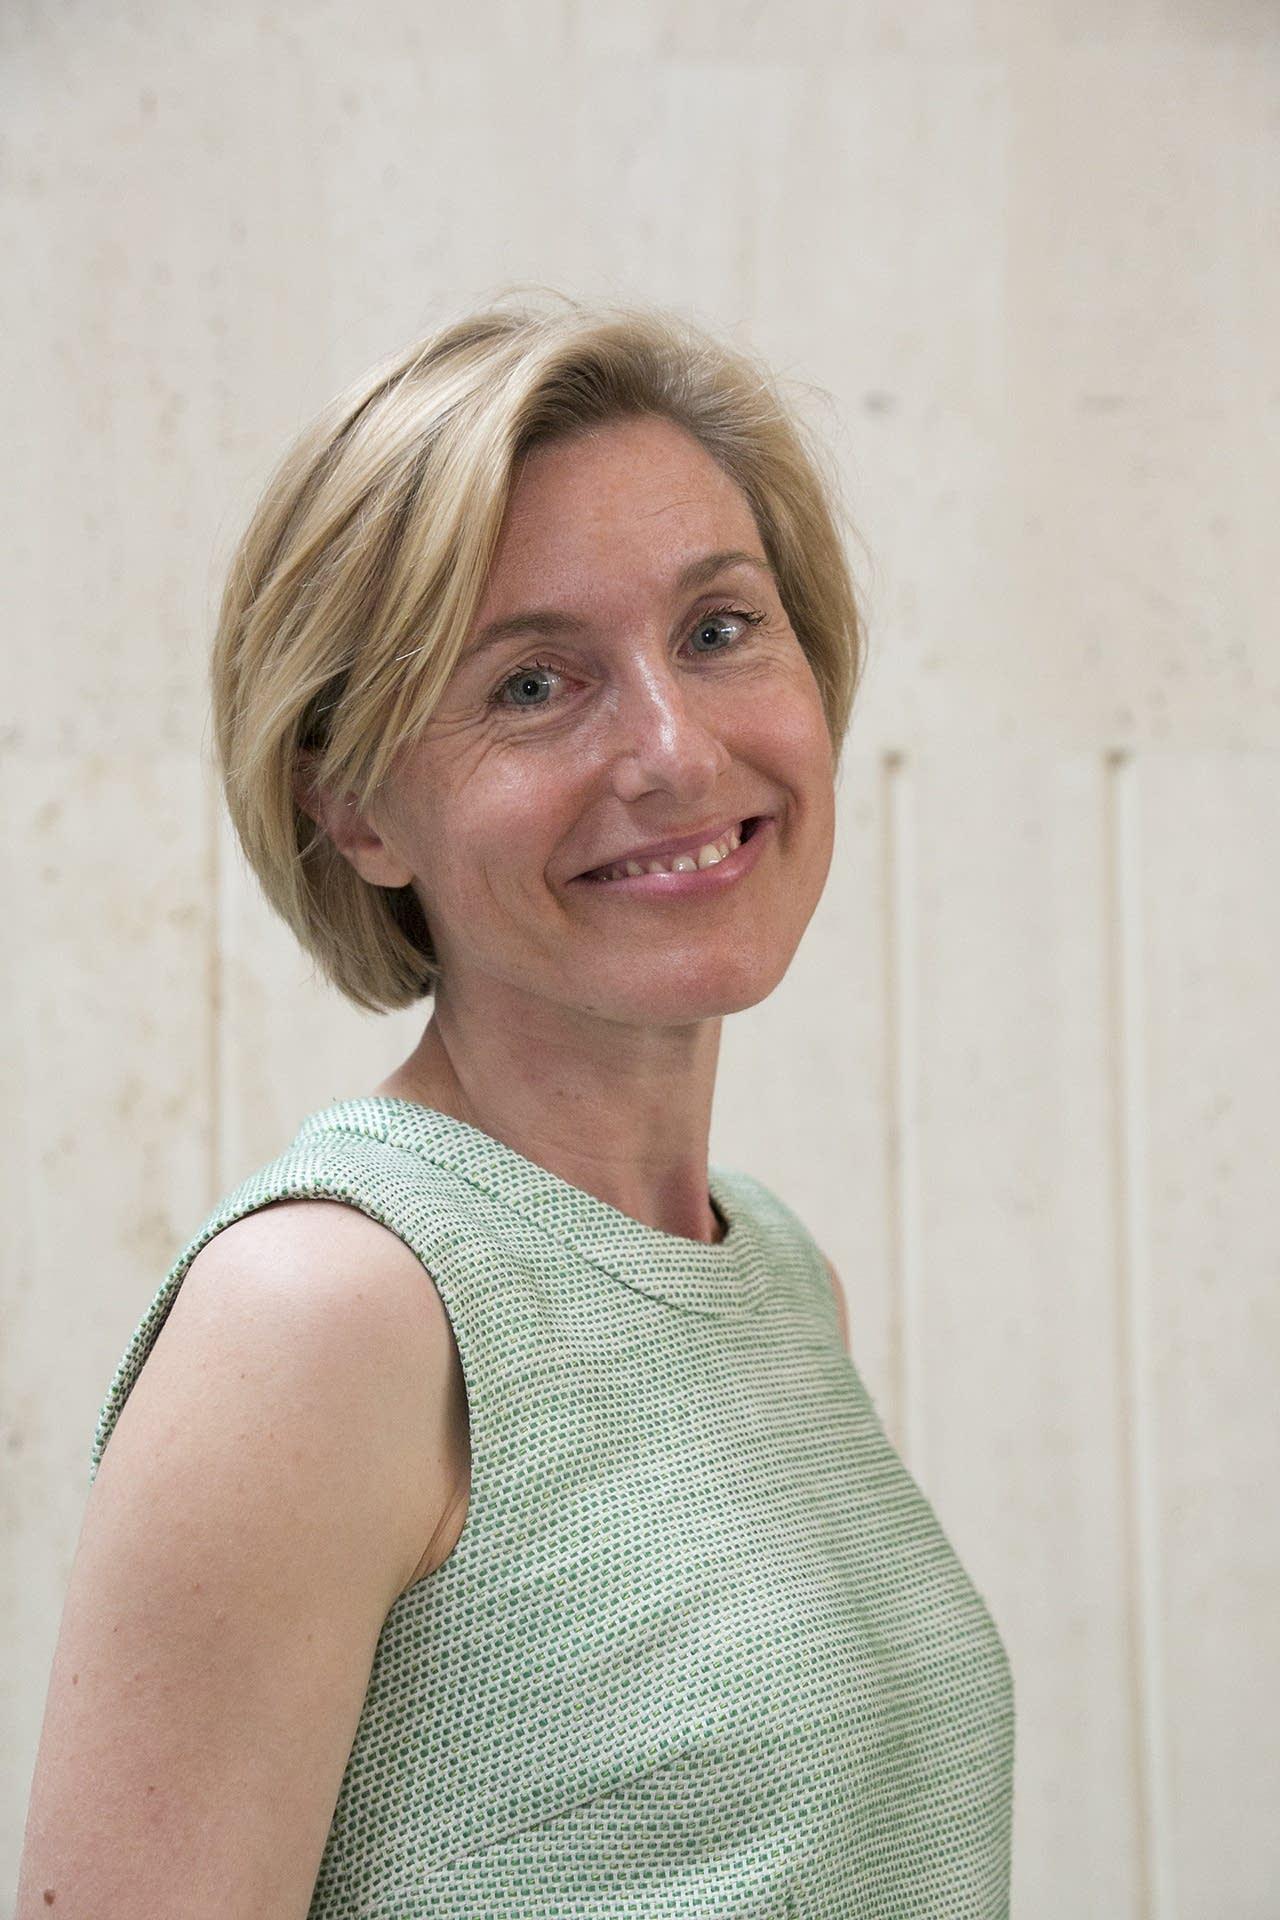 Joanna Williams